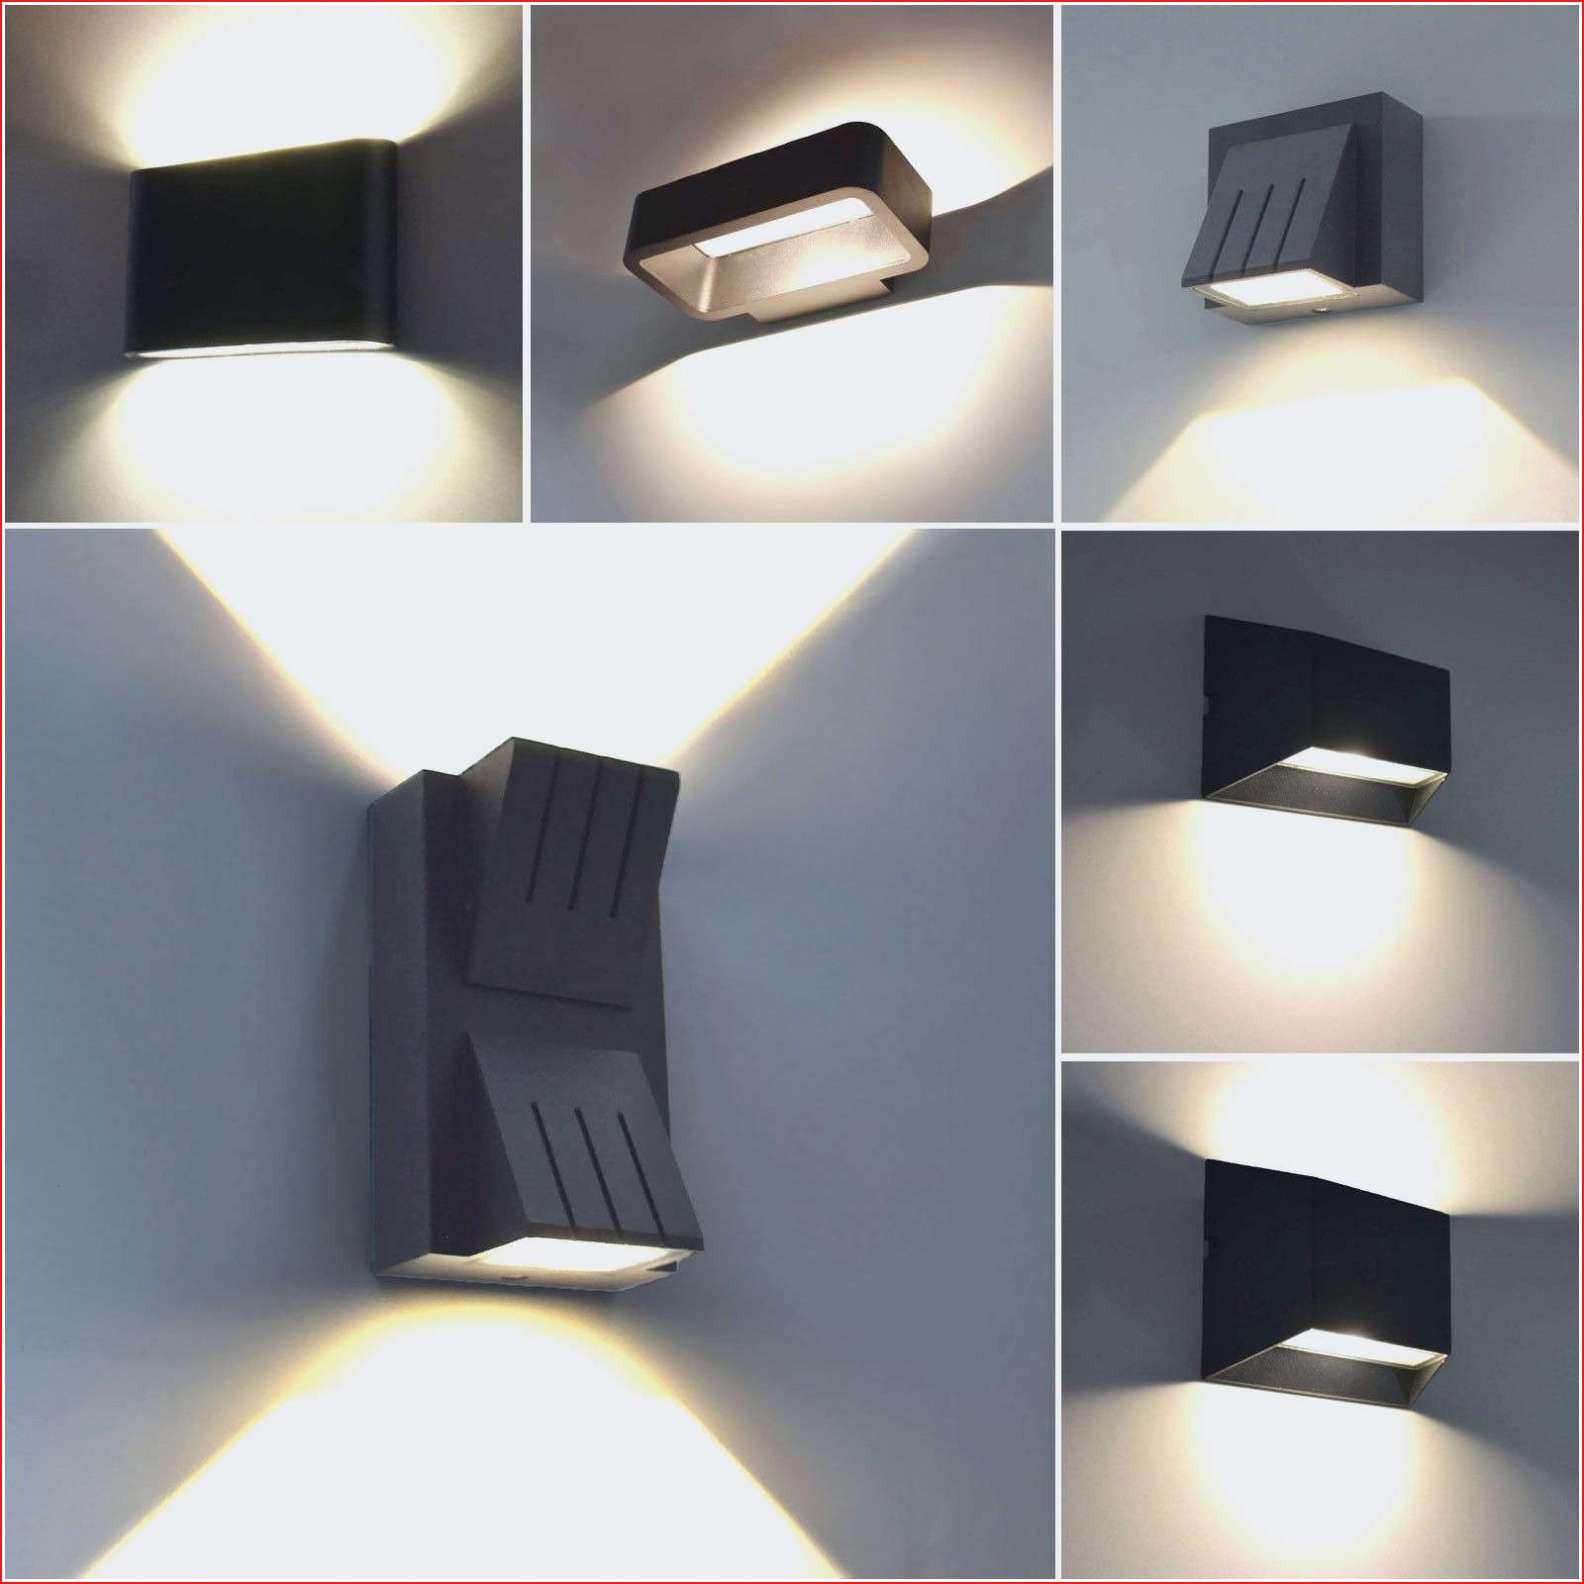 Full Size of Lampe Xxl 1416106 50 Oben Von Von Wohnzimmer Lampen Ikea Planen Wohnzimmer Wohnzimmer Lampen